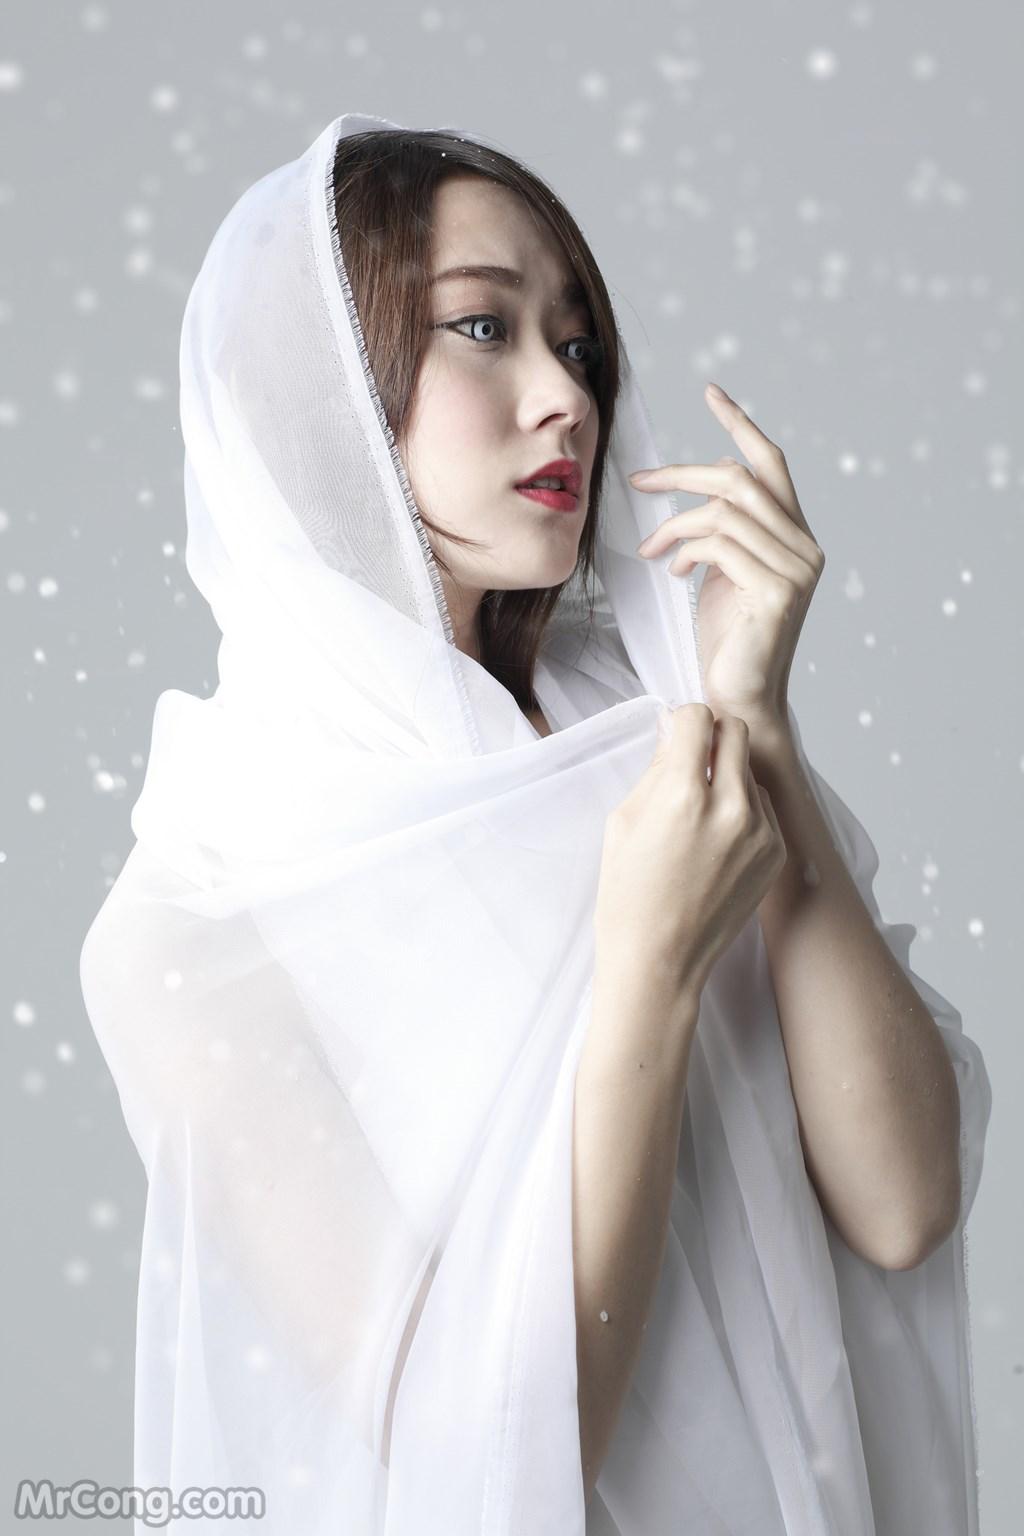 Image Girl-xinh-Dai-Loan-by-Joseph-Huang-Phan-3-MrCong.com-0031 in post Các cô gái Đài Loan qua góc chụp của Joseph Huang (黃阿文) - Phần 3 (1470 ảnh)